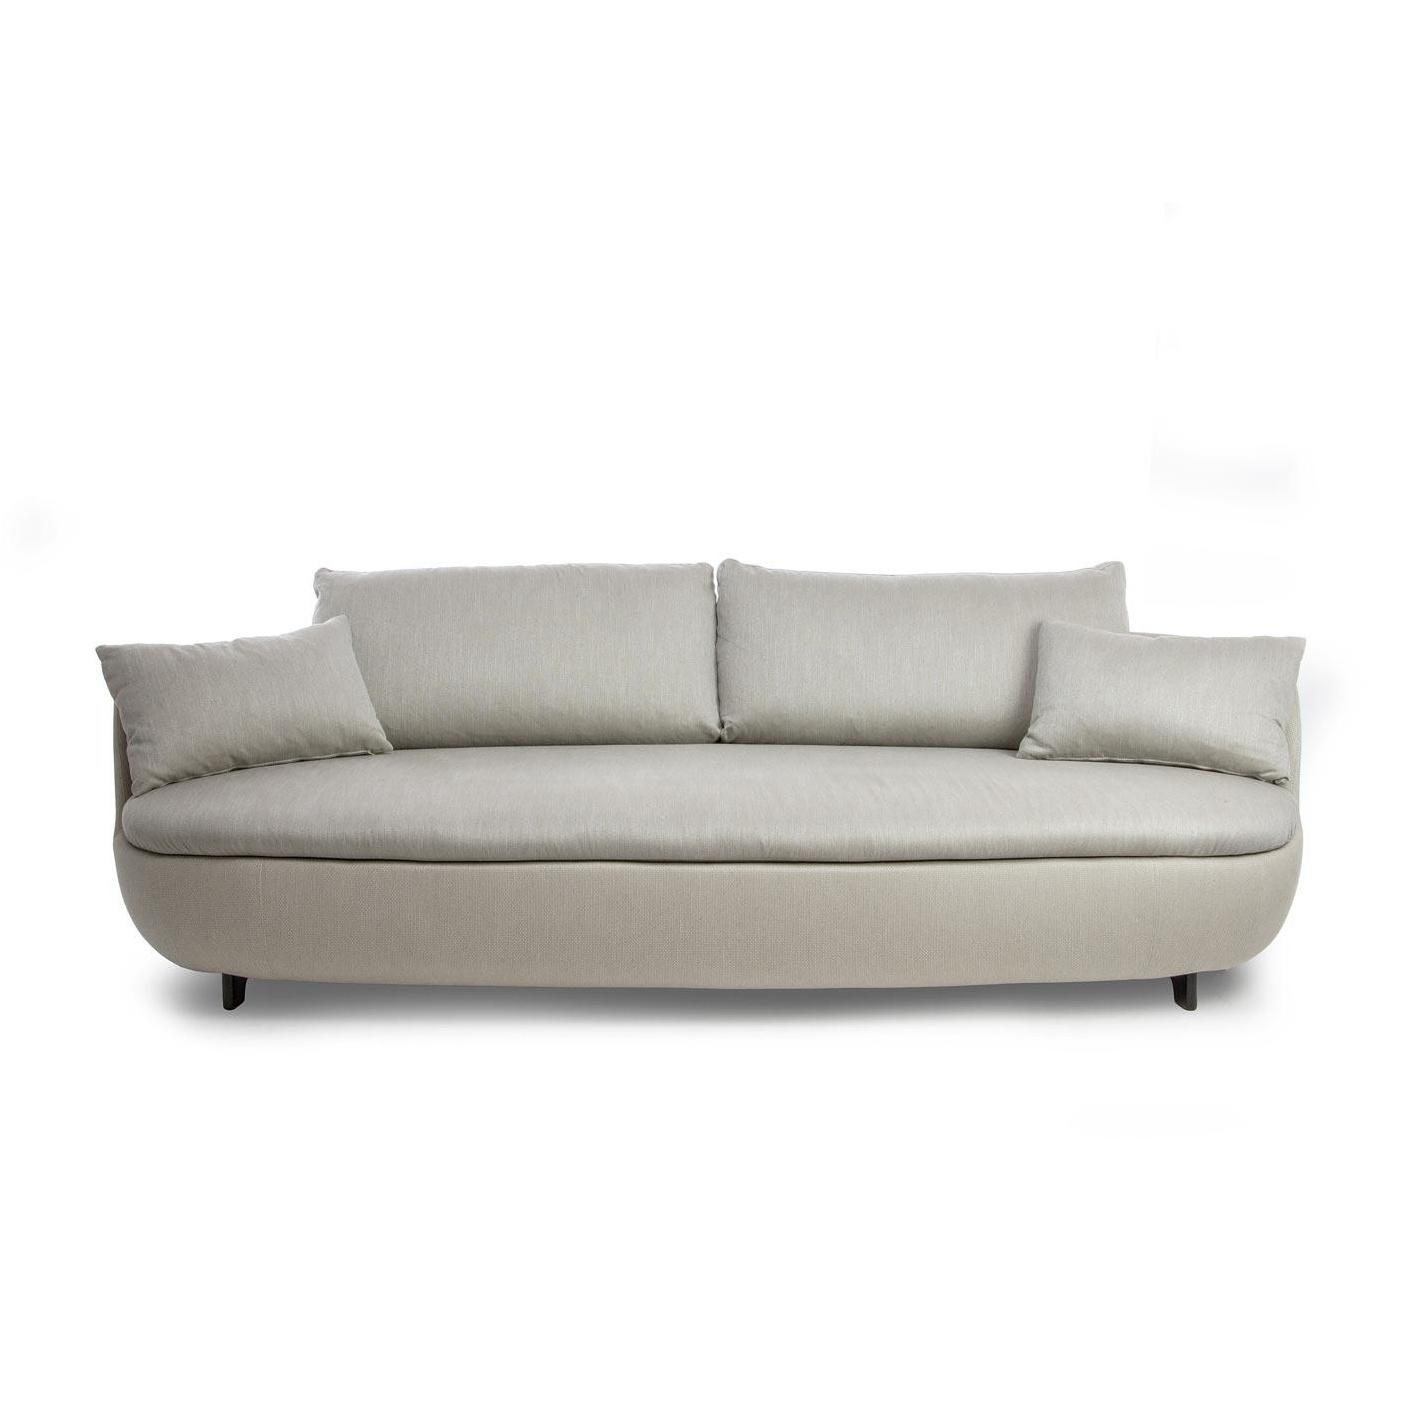 Moooi - Bart - Canapé - clair gris/étoffe Macchedil Sottile/Grezzo/incl. coussins/enveloppe amovible/235x100x65cm